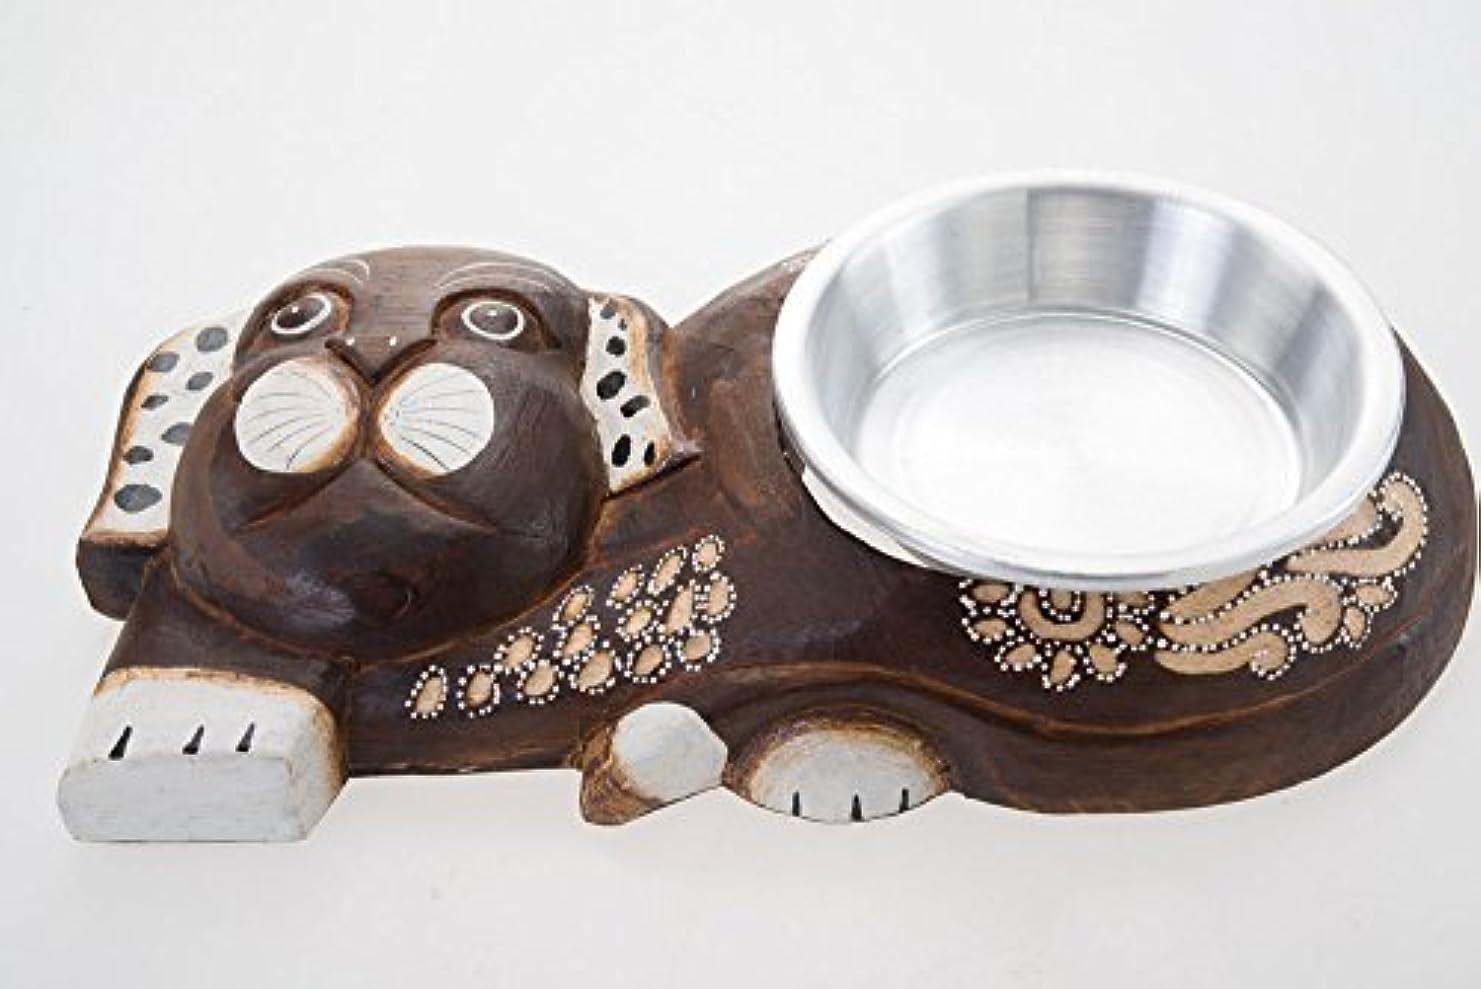 犬FeedingボウルペットWood CarvedベースアルミニウムPretty Hand Craftフィードアクセサリー